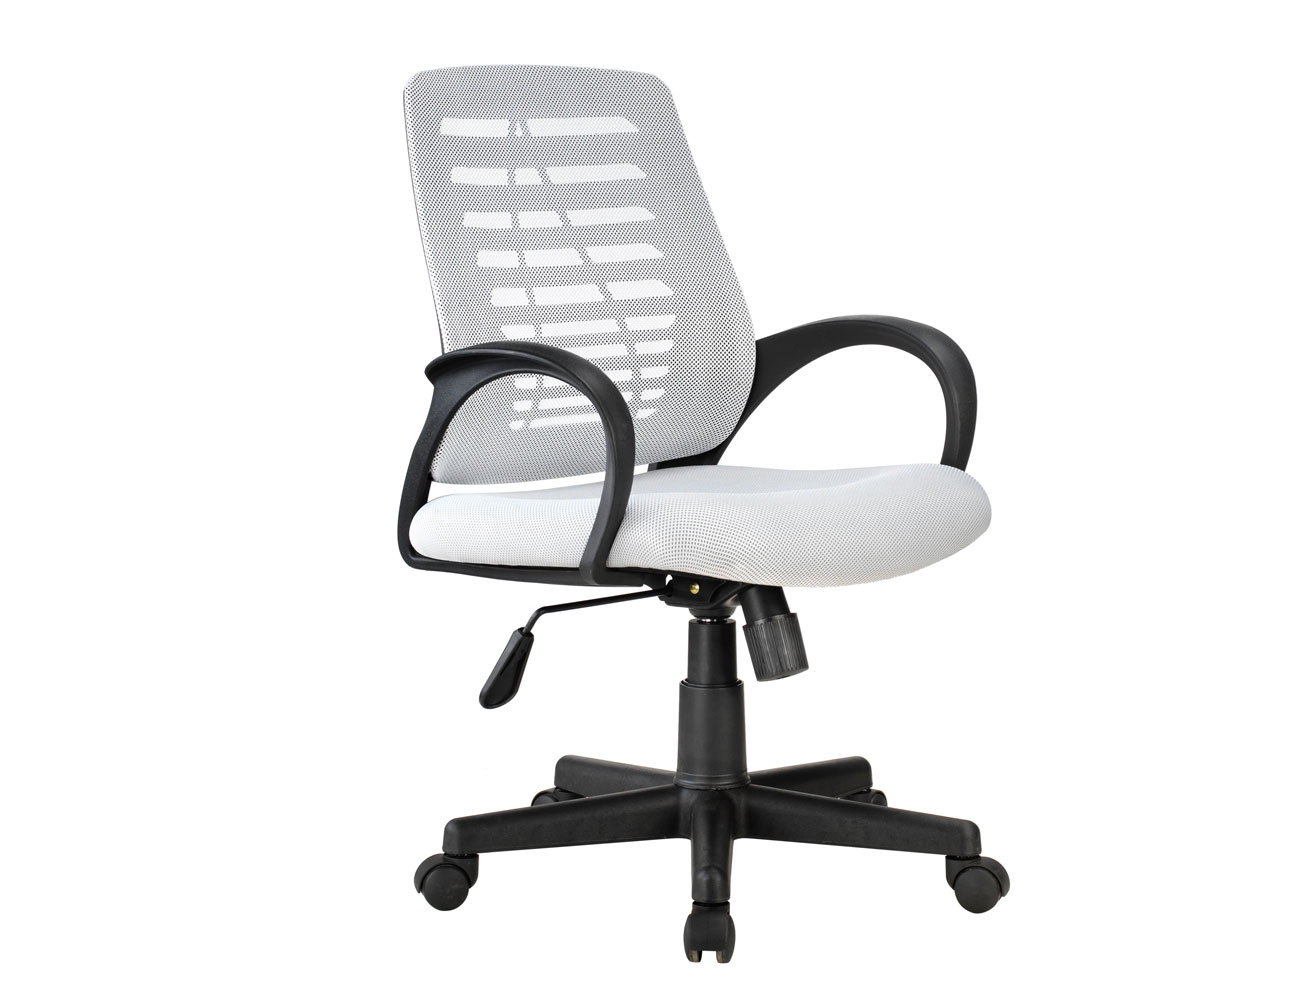 silla de oficina elevable y con respaldo transpirable en